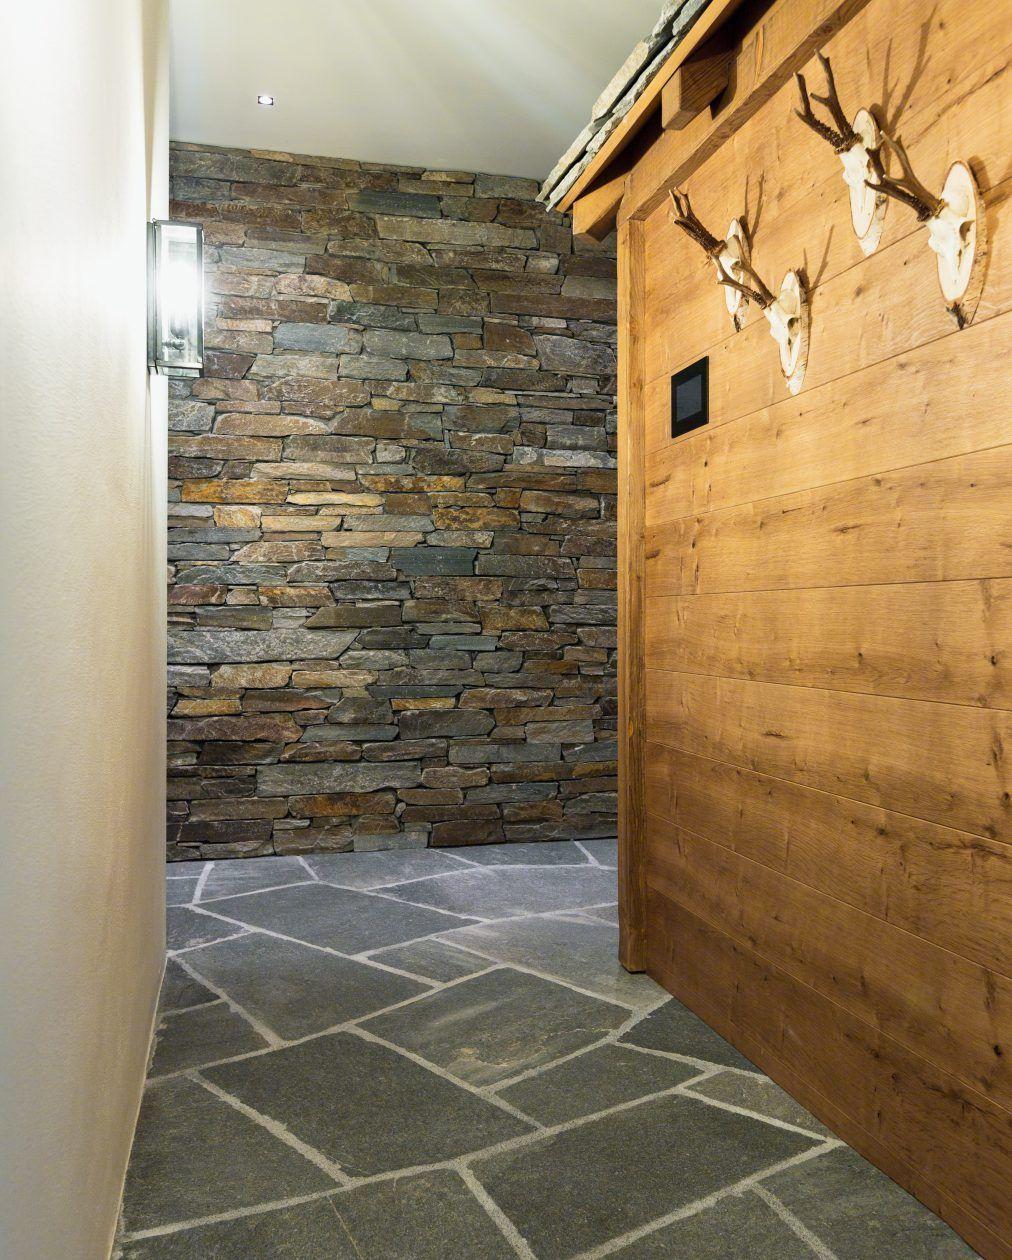 Naturstein Bodenplatten im Wellnessbereich und Badezimmer  Badezimmer  Natursteine Badezimmer